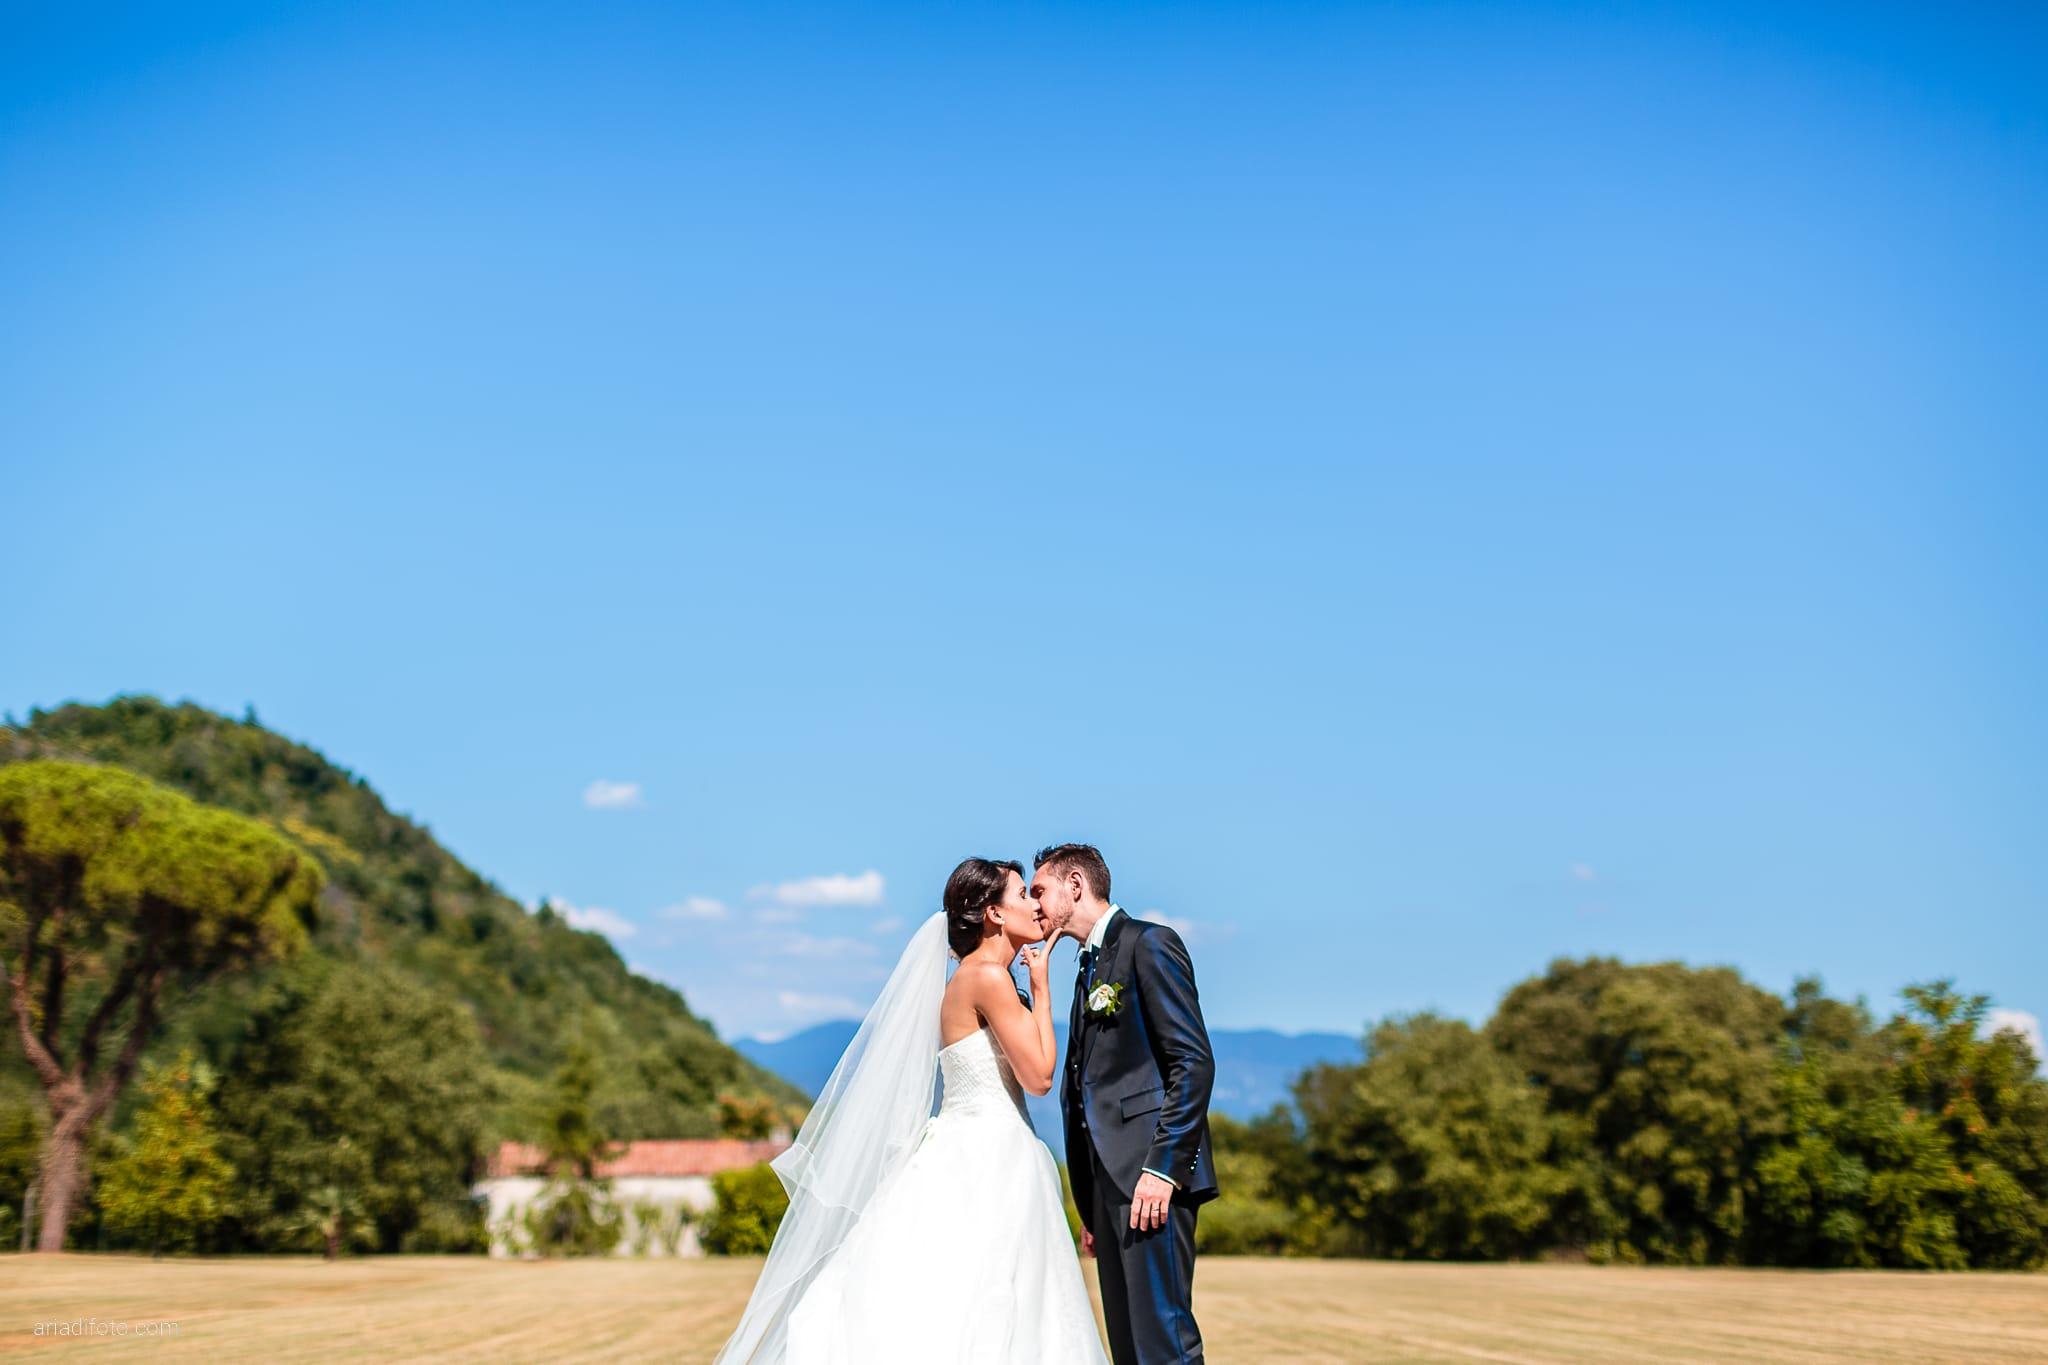 Mariarita Matteo Matrimonio Trieste Villa Attems Cernozza Postcastro Lucinico Gorizia ritratti sposi